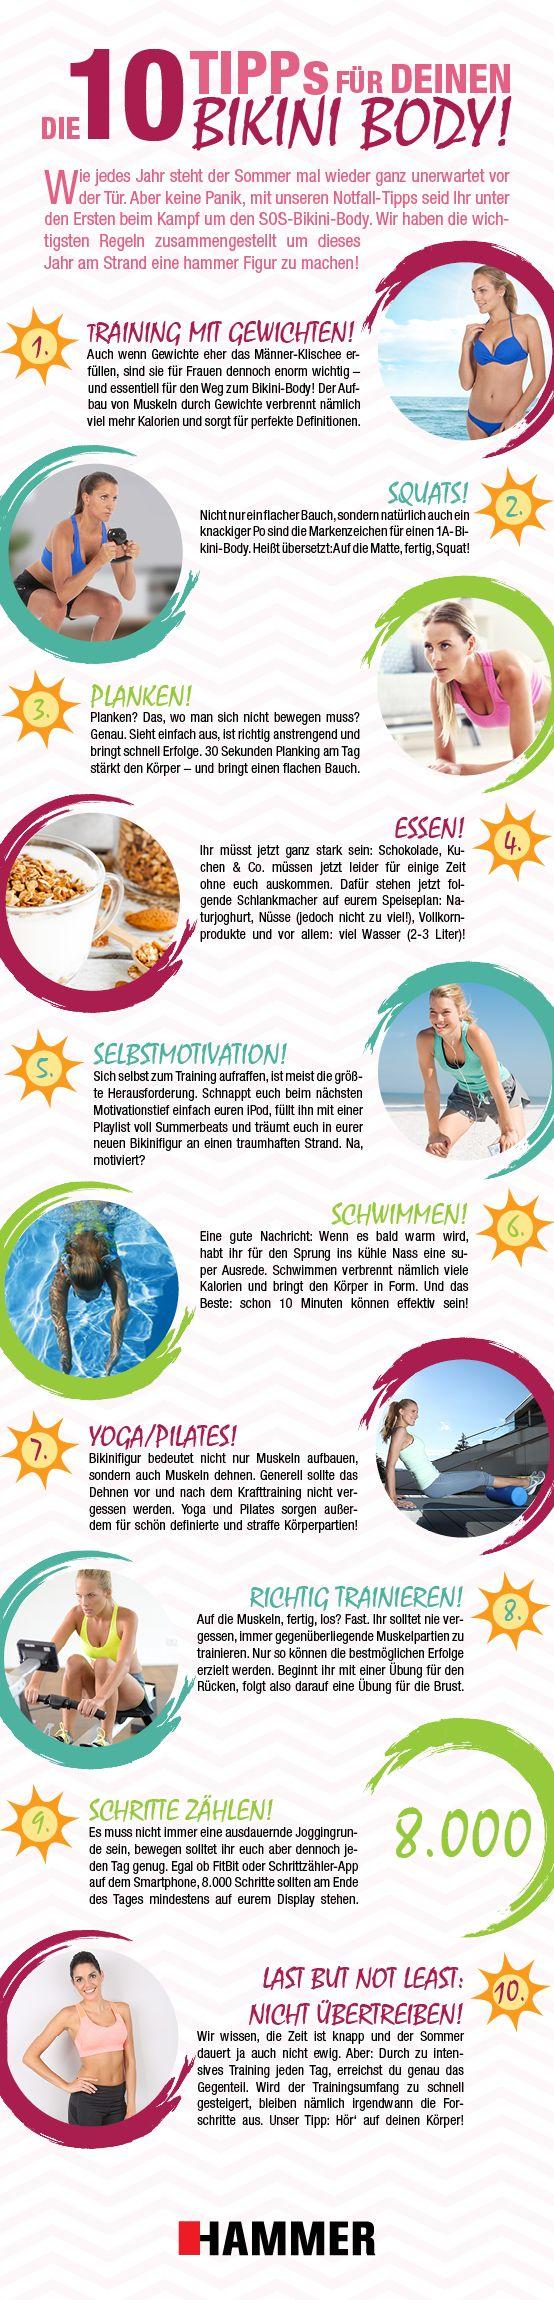 Träumst du auch vom Urlaub am Strand? Wie steht es denn mit deiner Bikinifigur? Damit du möglichst schnell, möglichst gut in Form kommst, lade dir jetzt gratis unsere 10 Bikini Body Tipps runter.  #bikini #bikinifigur #body #strand #beach #flacher #bauch #fit #training #ausdauer #beine #cellulite #orangen #haut #sonne #sport #hammersport #fitness #bauch #beine #po #body #sixpack